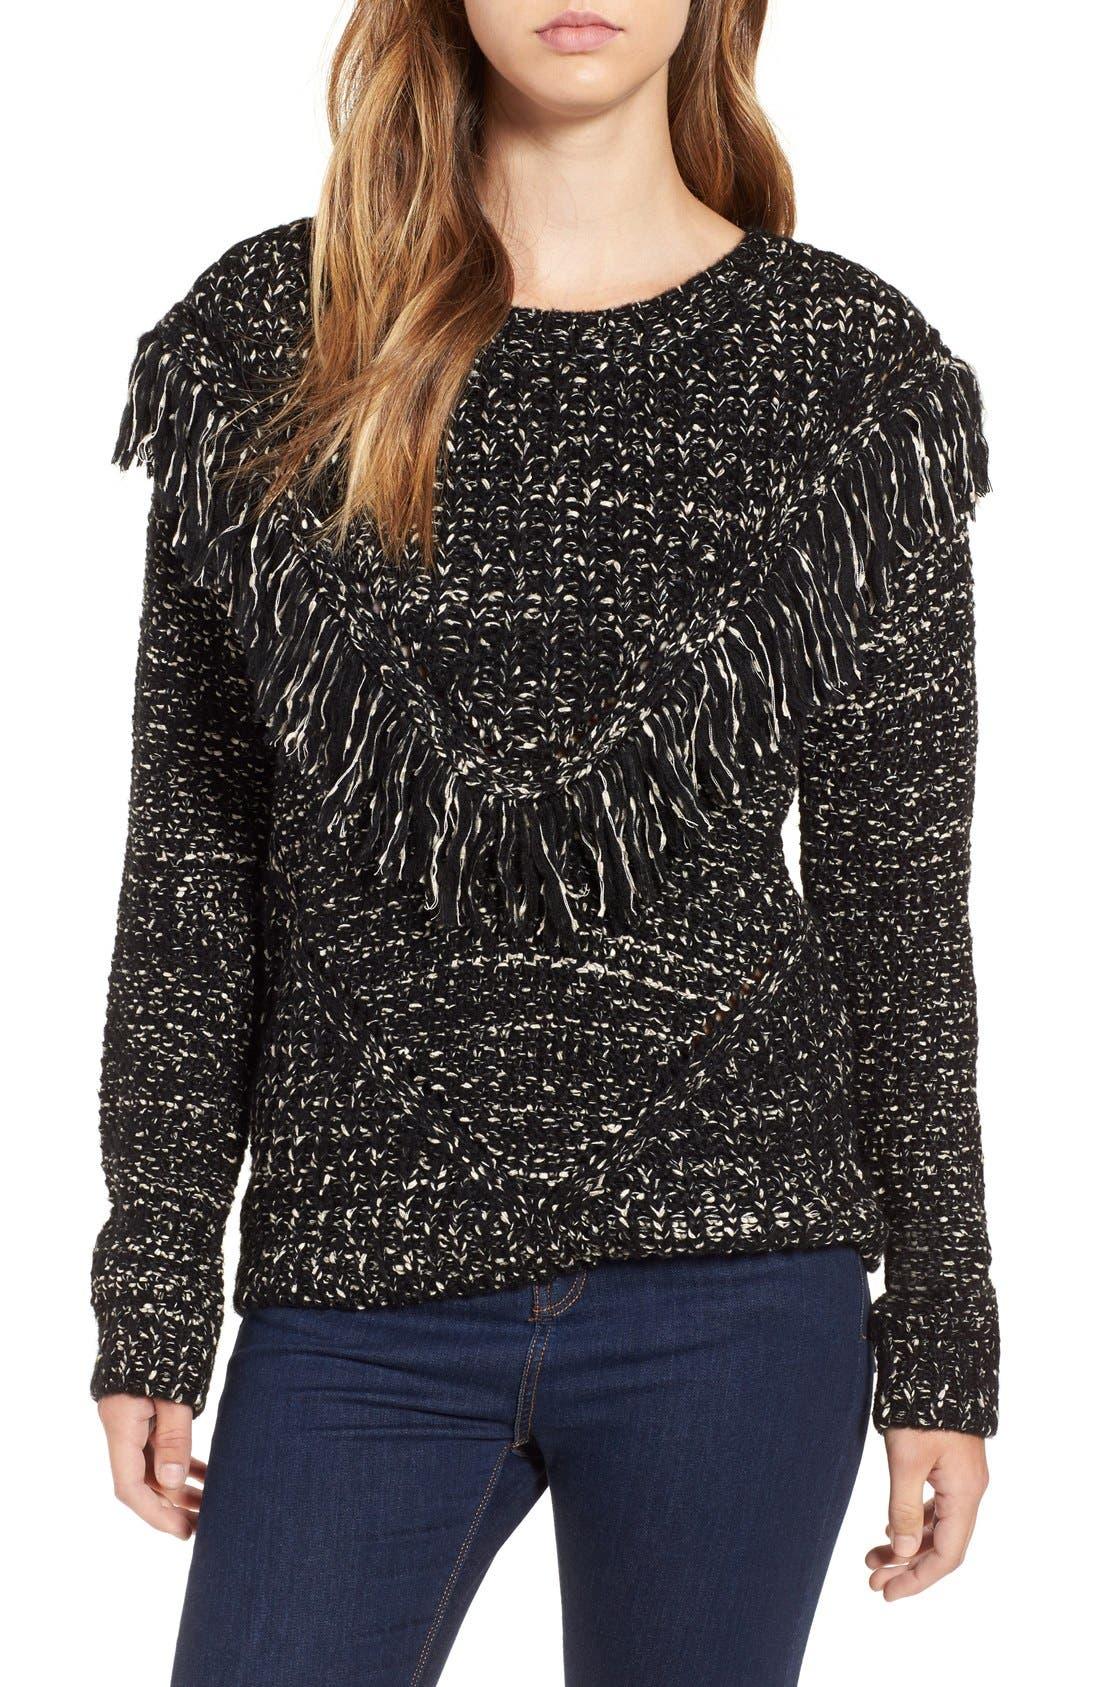 Alternate Image 1 Selected - ASTR 'Marion' Fringe Detail Crewneck Sweater